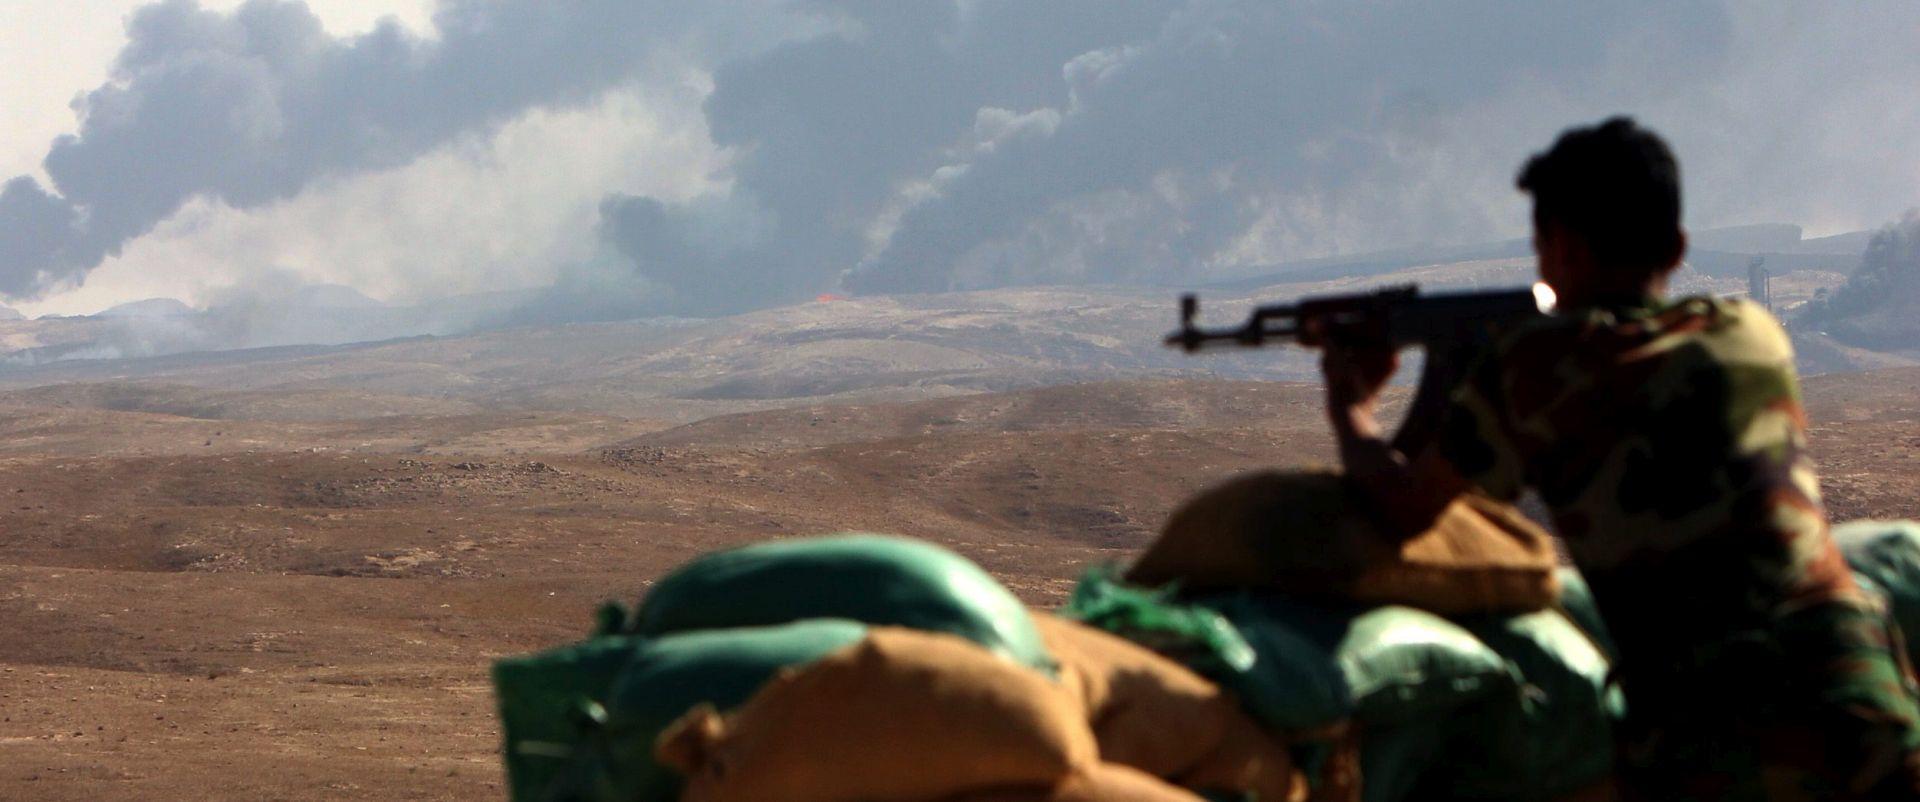 STRATEŠKA TOČKA: Irački Kurdi u ofenzivi za povrat Sindžara od IS-a